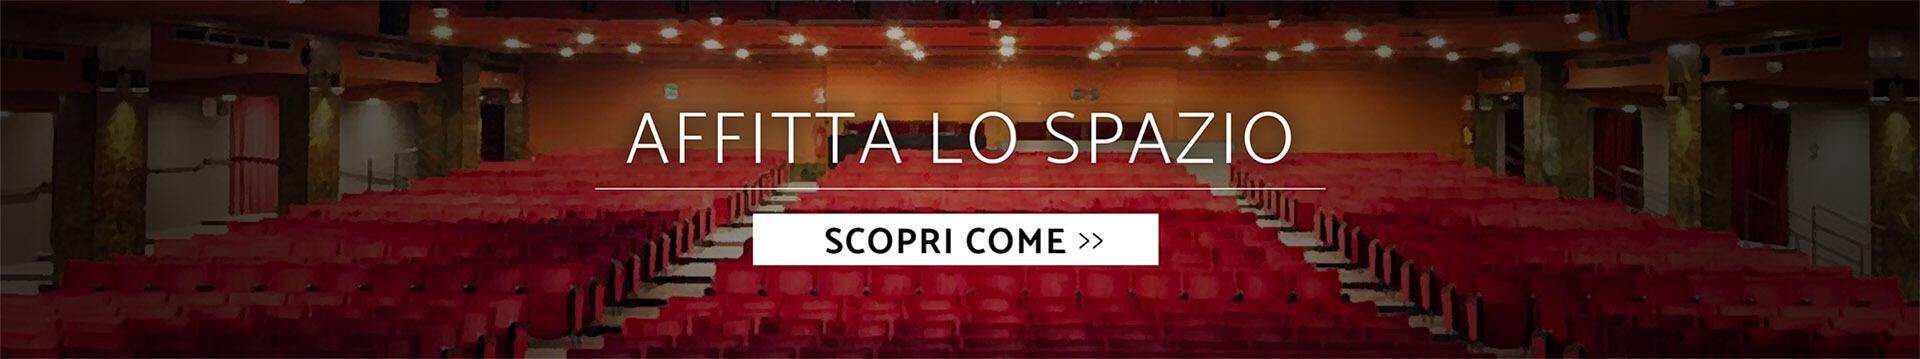 Teatro brancaccio il sito ufficiale del teatro - Aggiungi un posto a tavola brancaccio biglietti ...